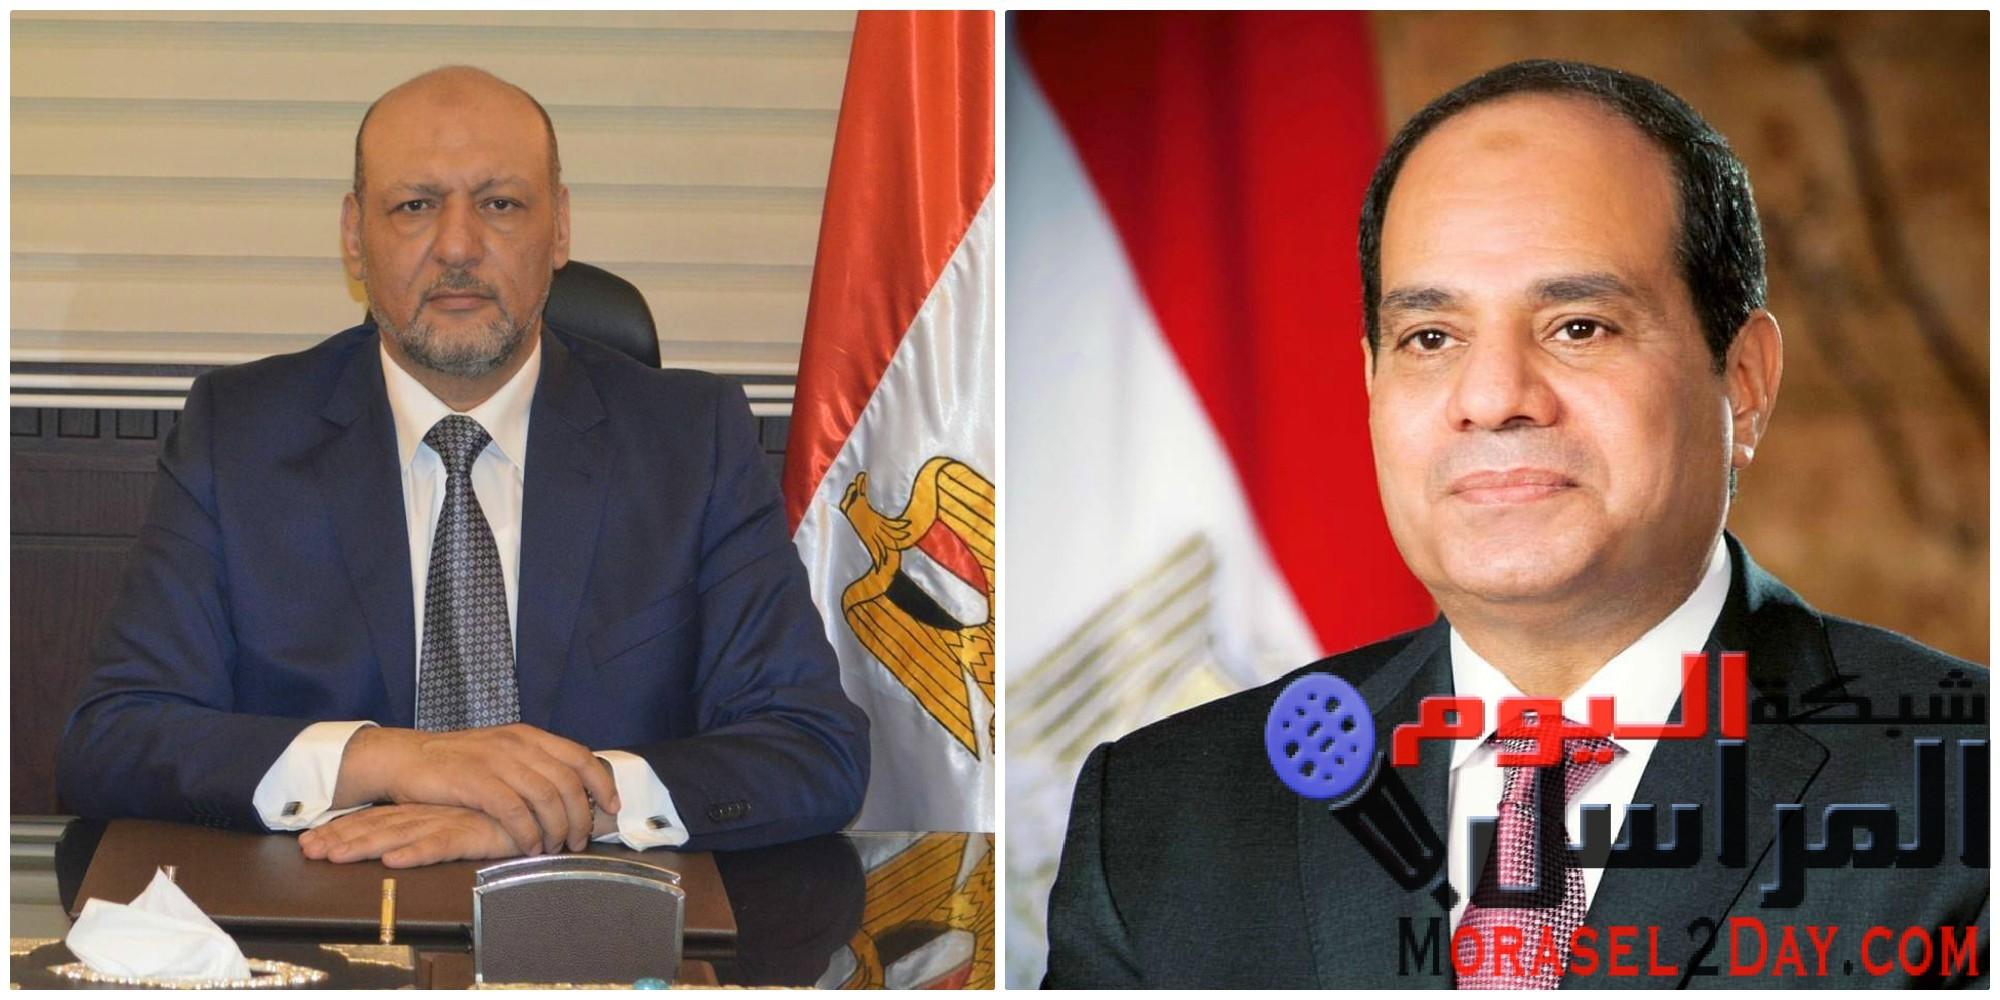 """""""مصر الثورة"""" يشيد بمبادرة السيسي: تقدير من الرئيس لشعبه"""